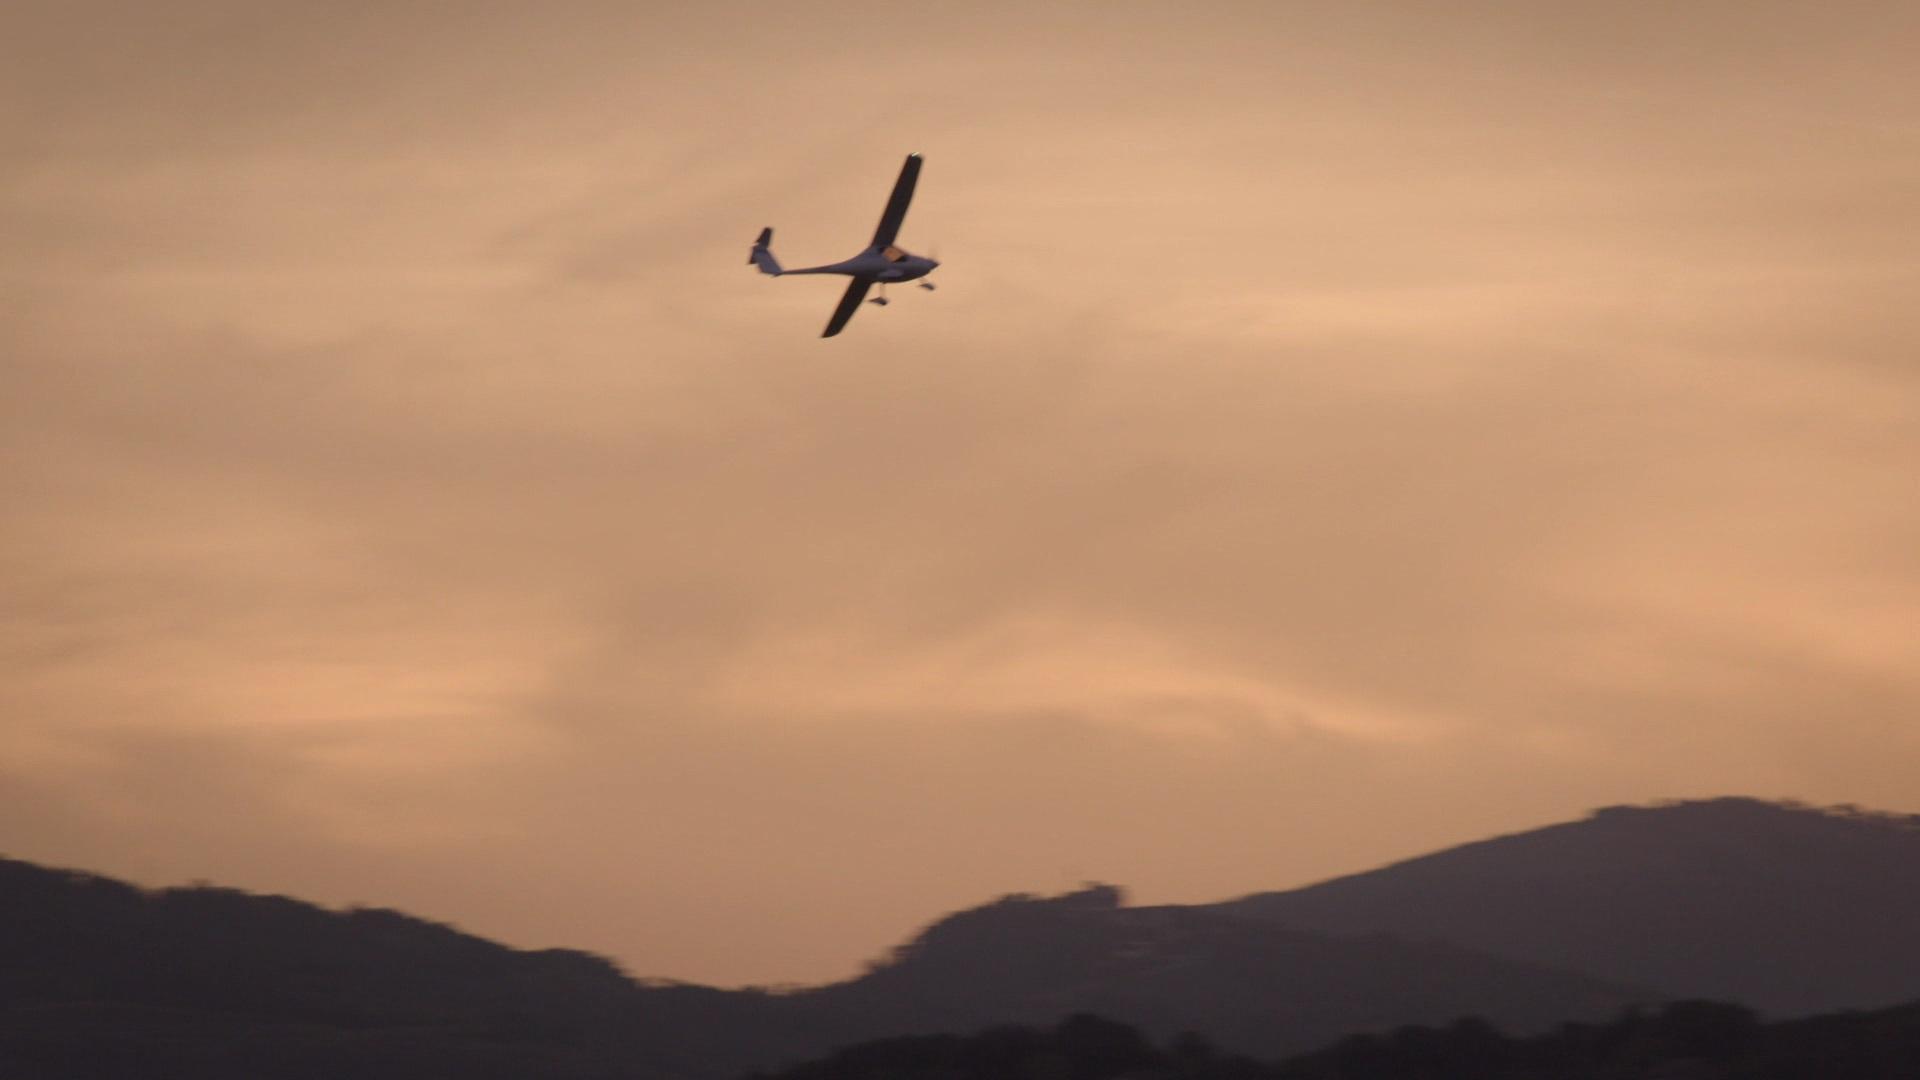 Documentos TV - El precio de volar - avance